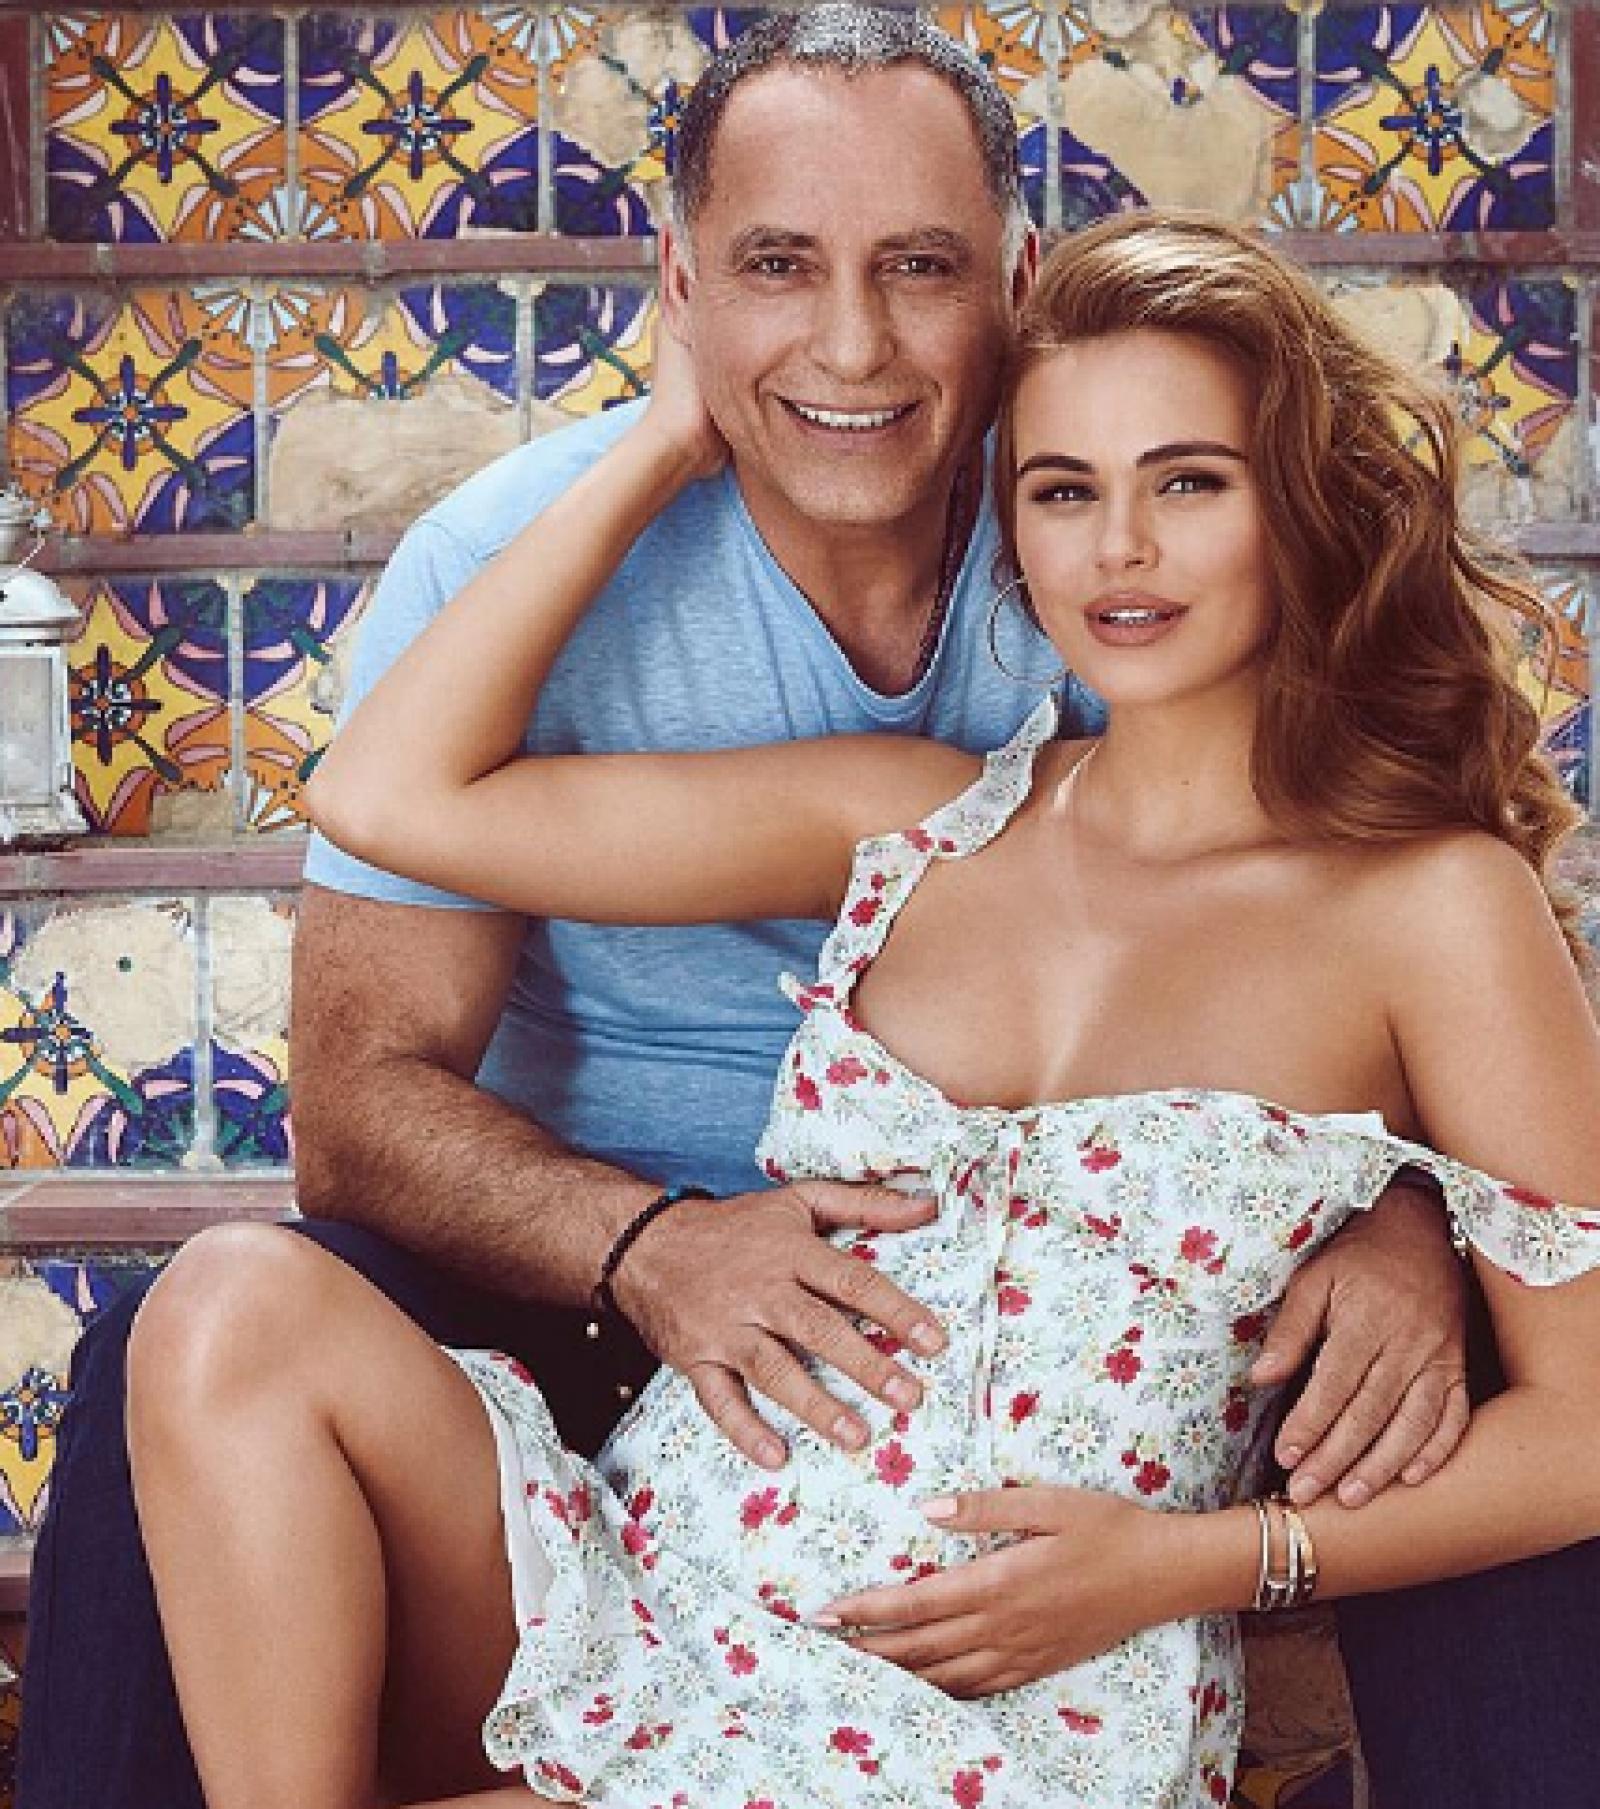 (foto) Xenia Deli în a 38-a săptămână de sarcină pozează în ipostaze tandre și se simte fericită că în curând o va aduce pe lume pe Anastasia